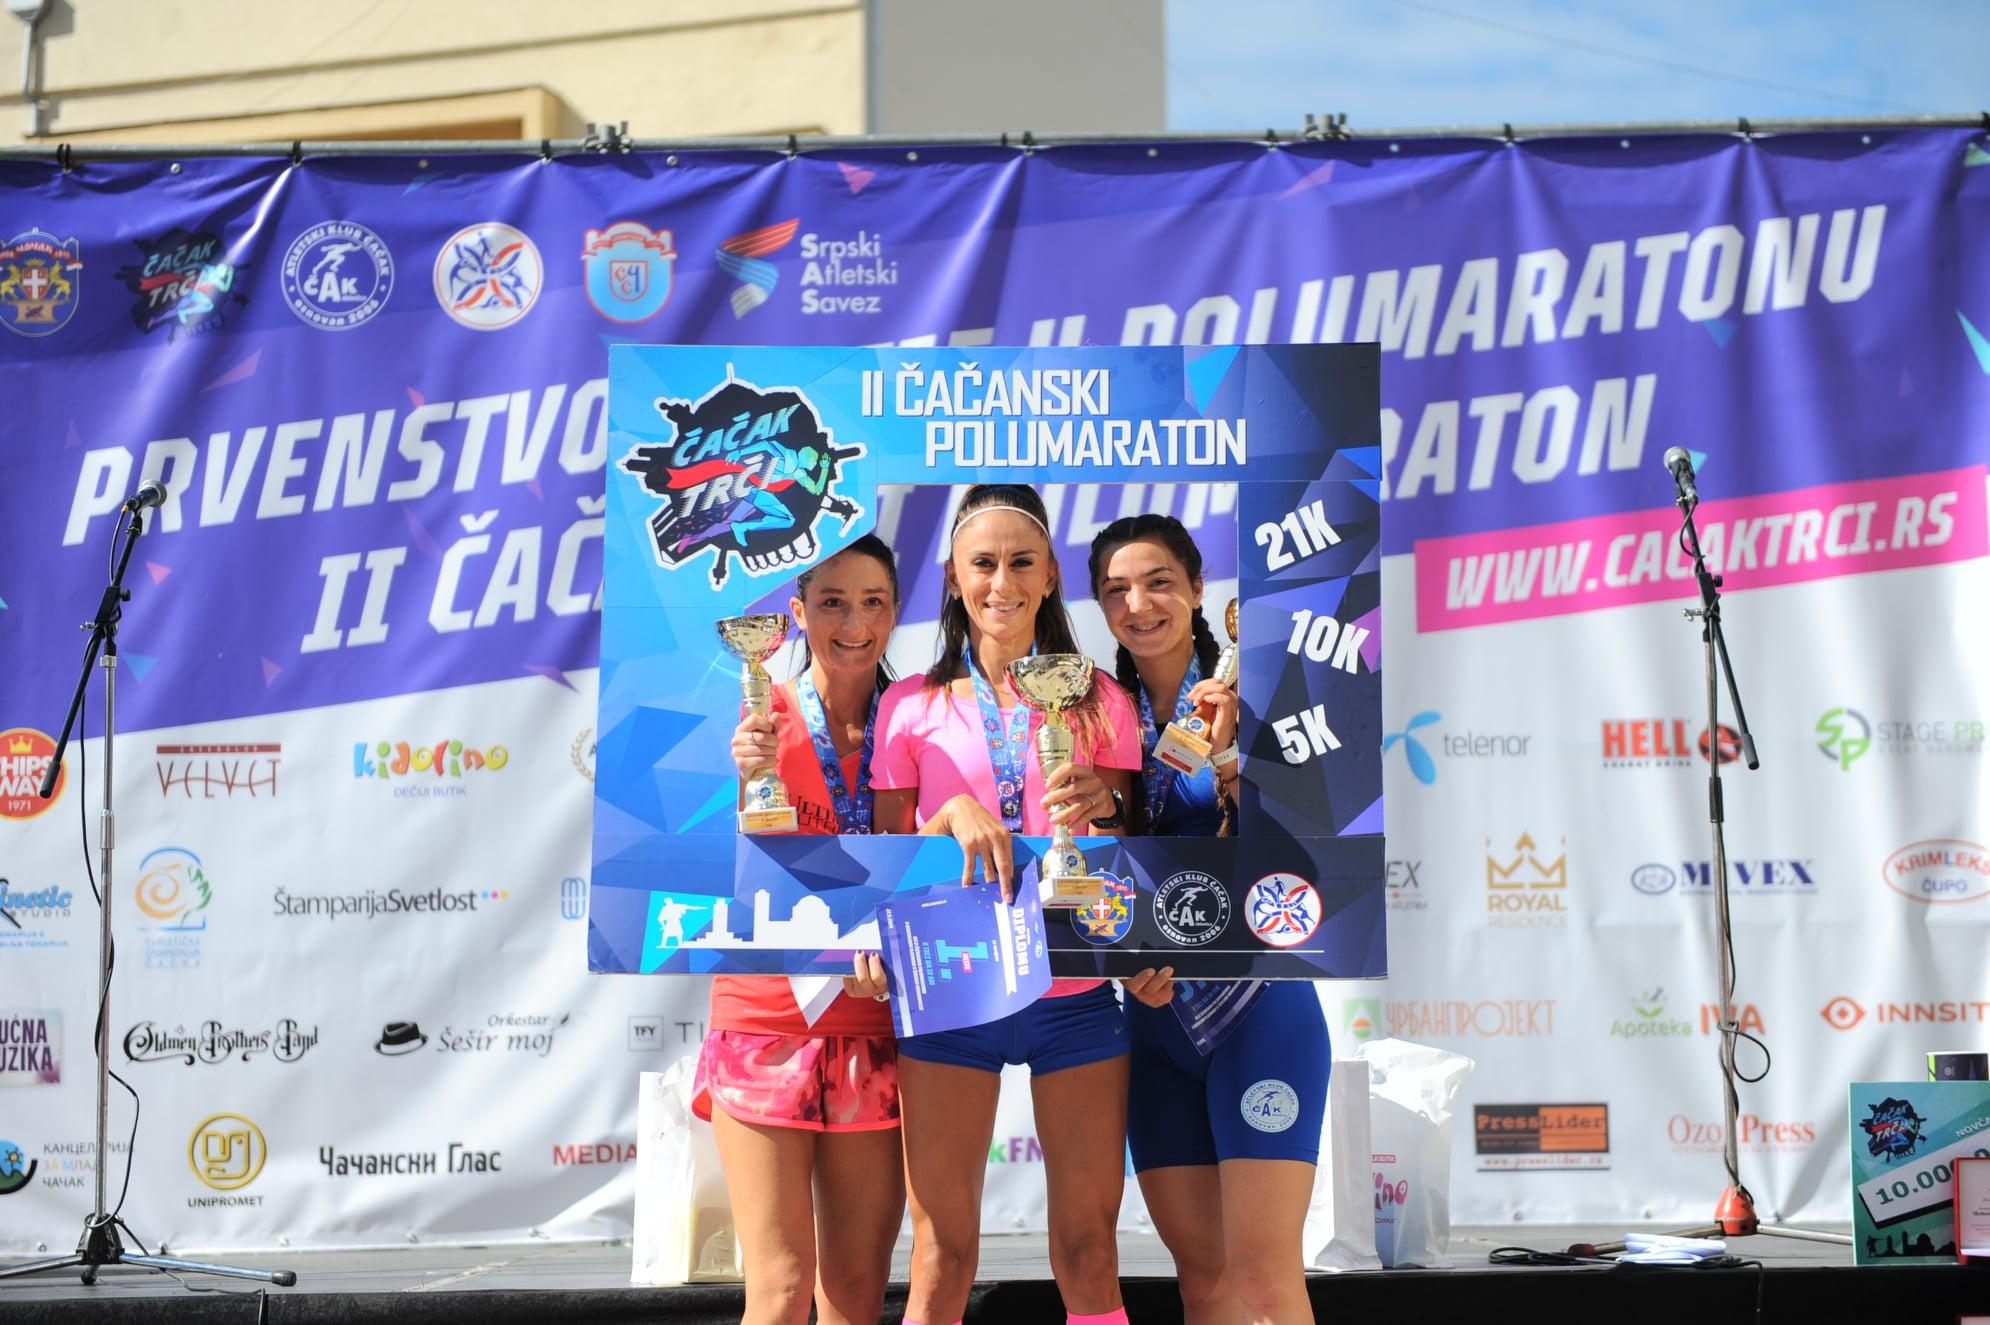 Čačanski polumaraton 2020, pobednice trke na 10km